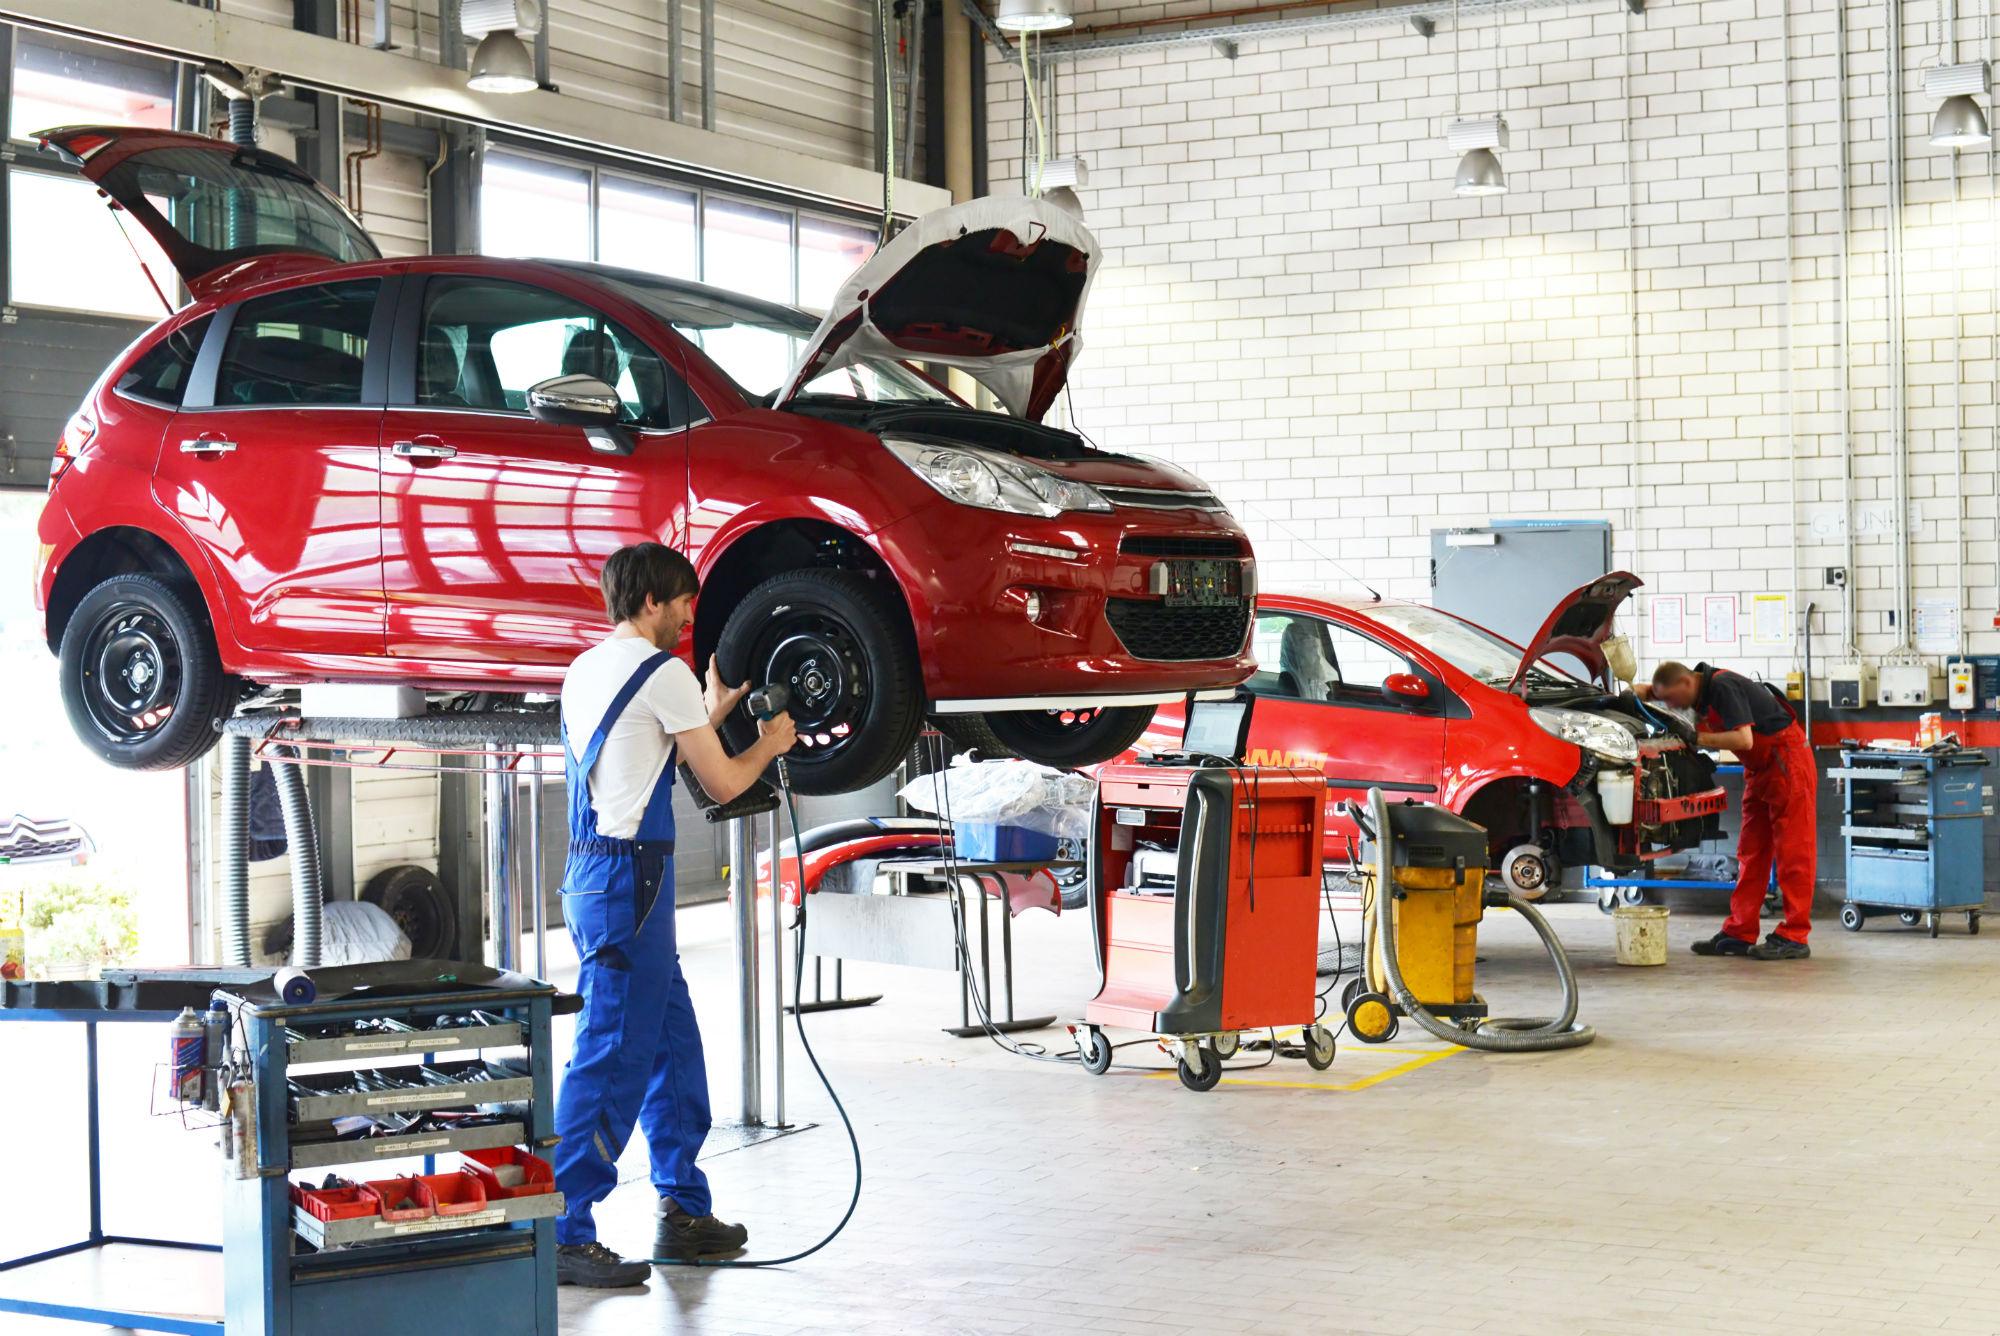 фотографии ремонтных мастерских автомобилей штукатурка эффектом шелка